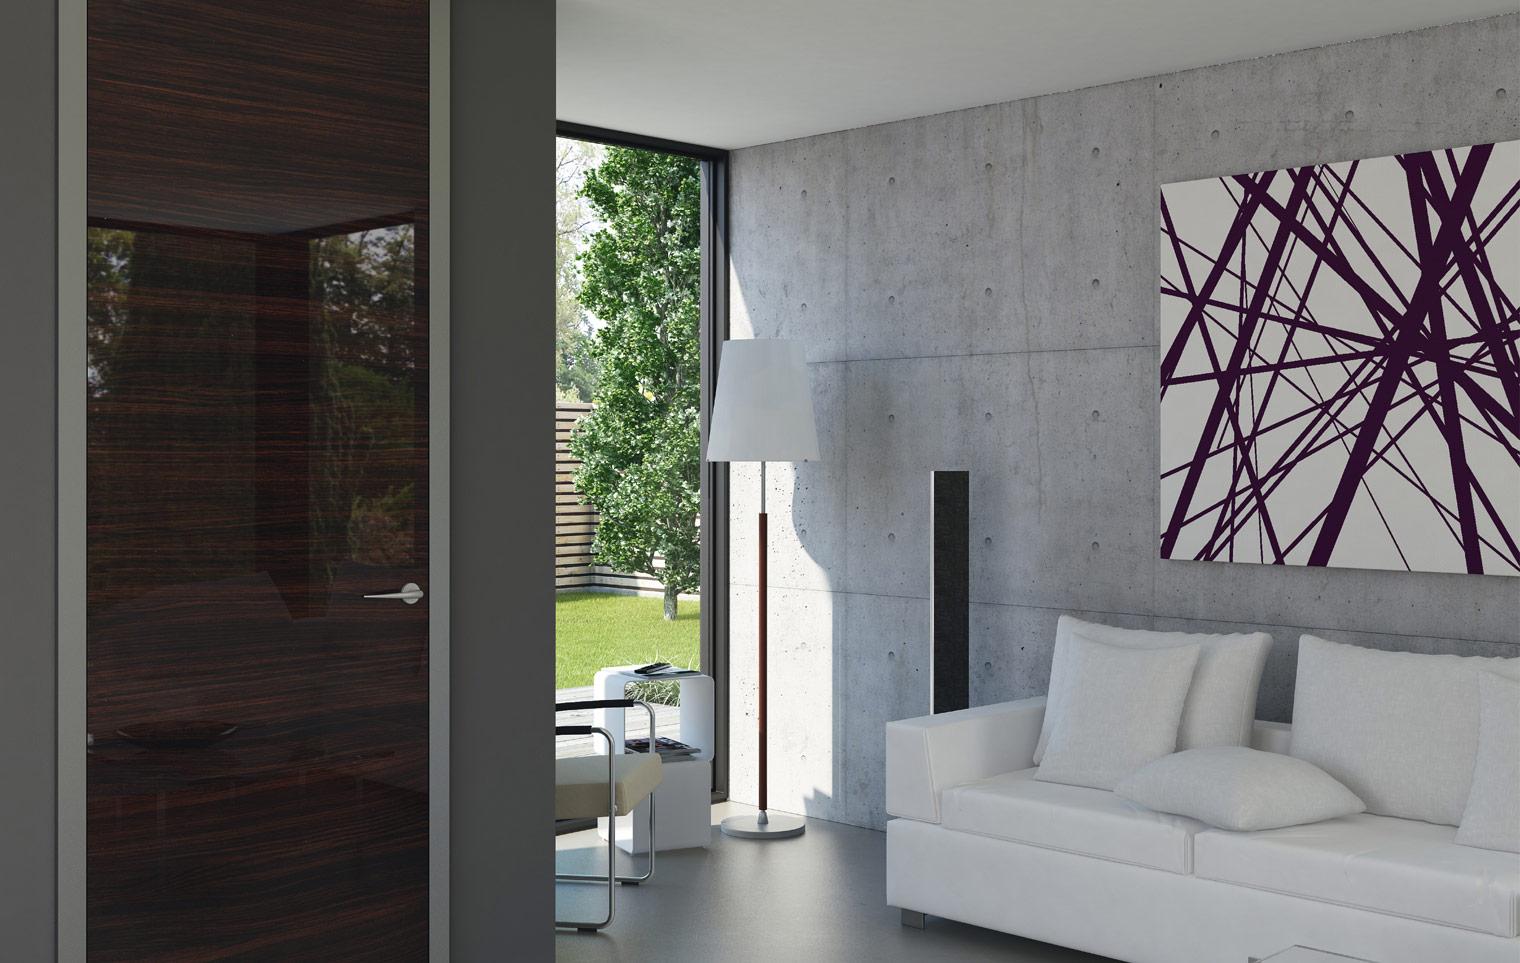 Türen - Tischlerei Marco Schwab Bodenfelde